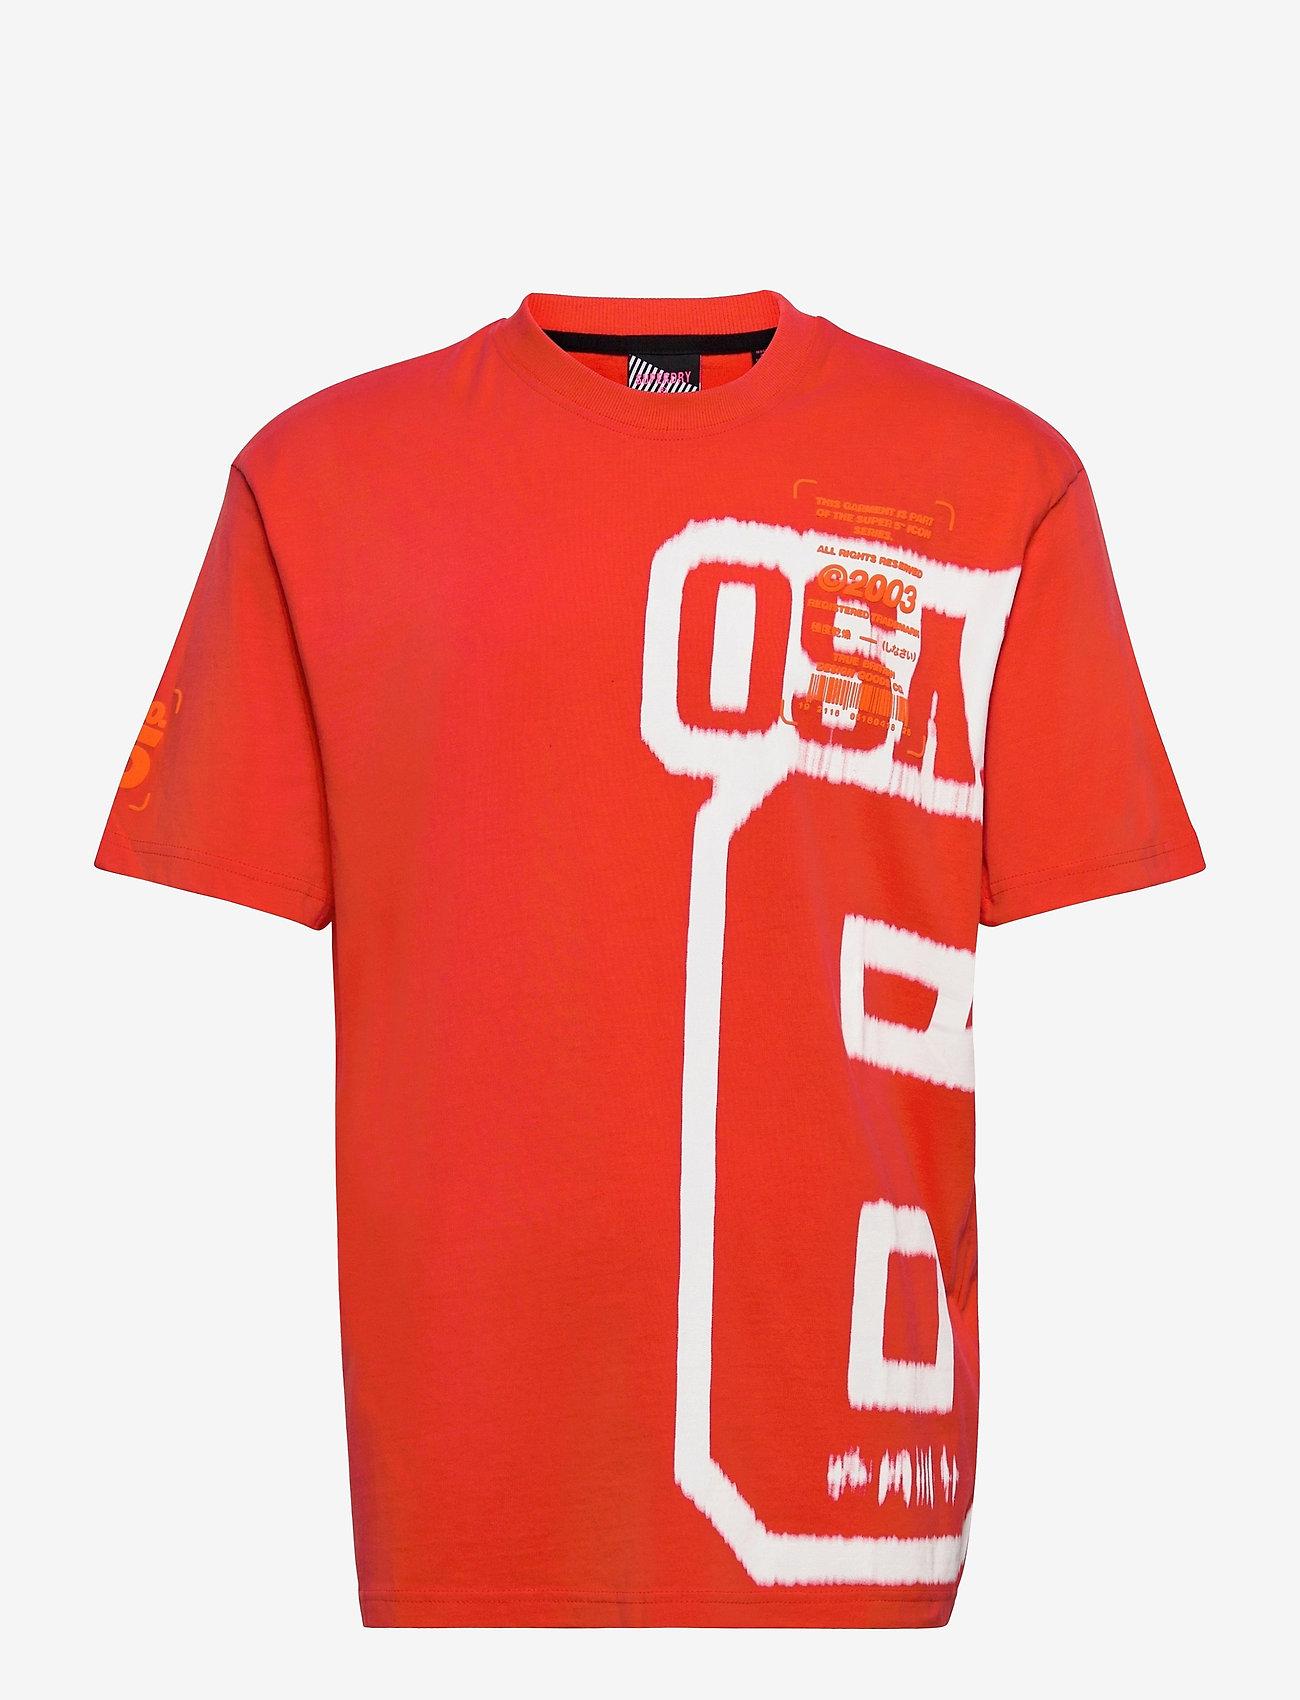 Superdry - SUPER 5 DECONSTRUCT TEE - t-shirts à manches courtes - havana orange - 0